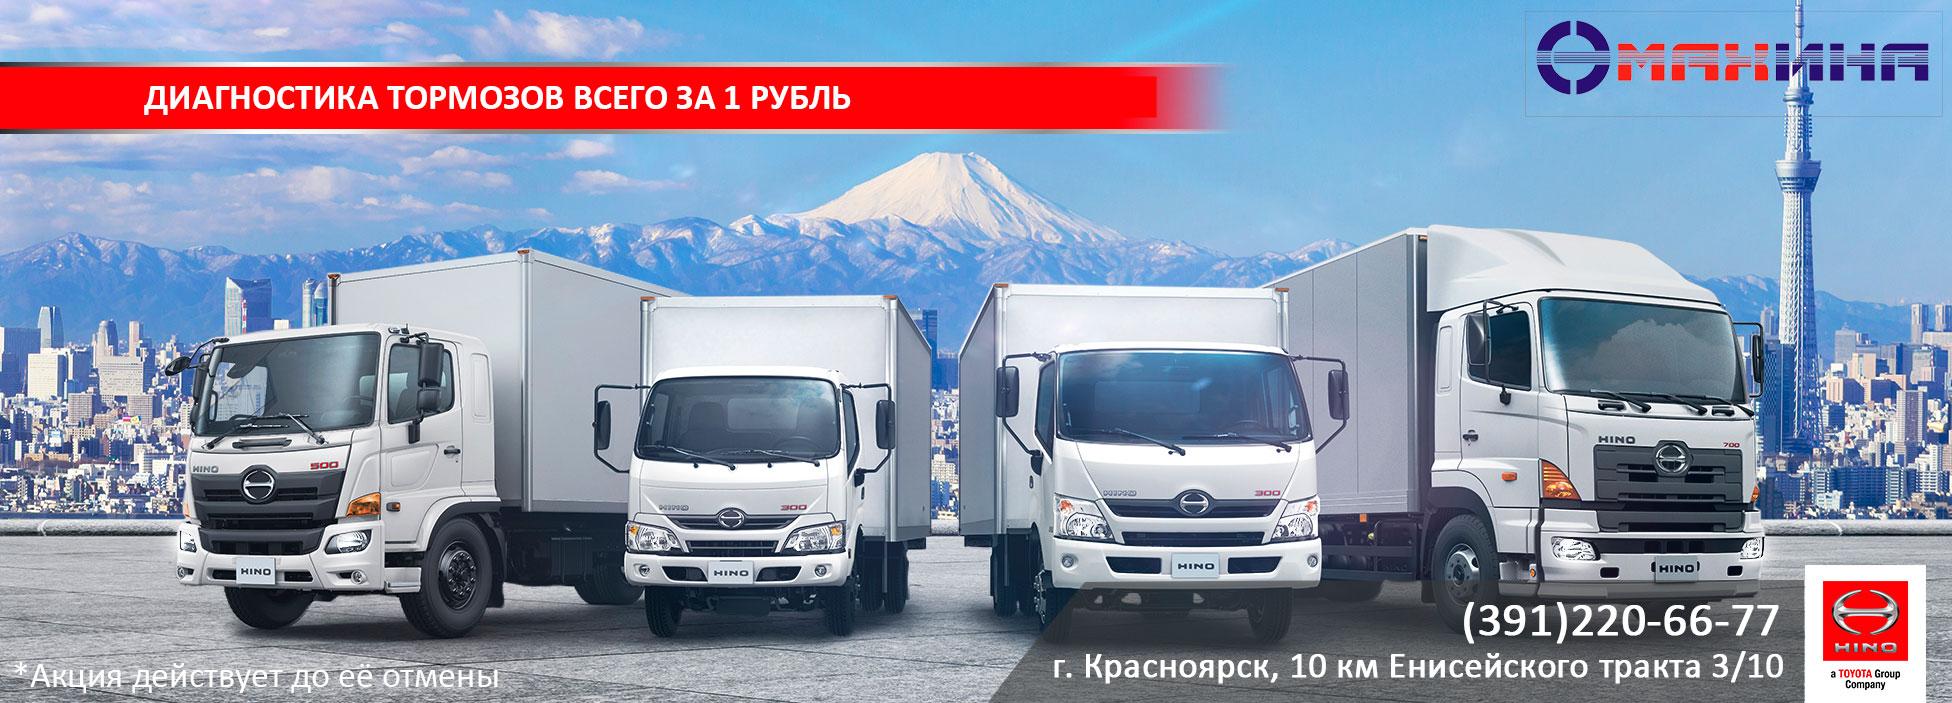 Диагностика тормозов всего за 1 рубль!